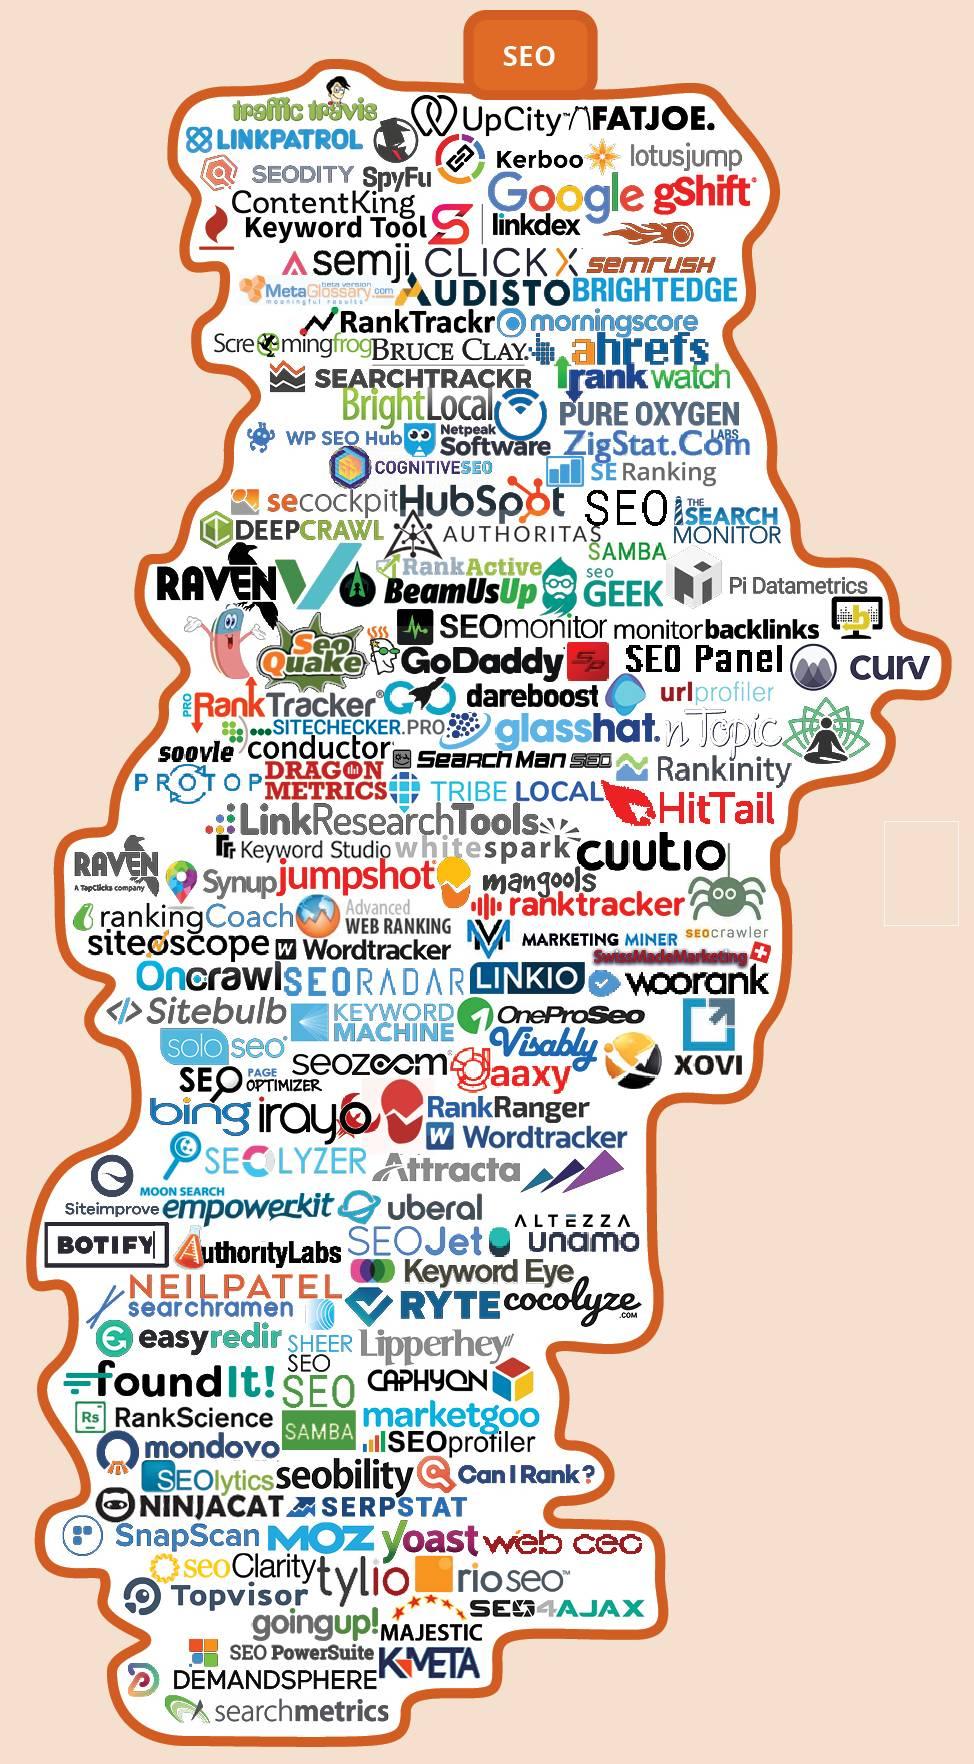 Plus de 100logos d'entreprise dans la catégorie SEO du paysage de la technologie marketing, selon chiefmartec.com.